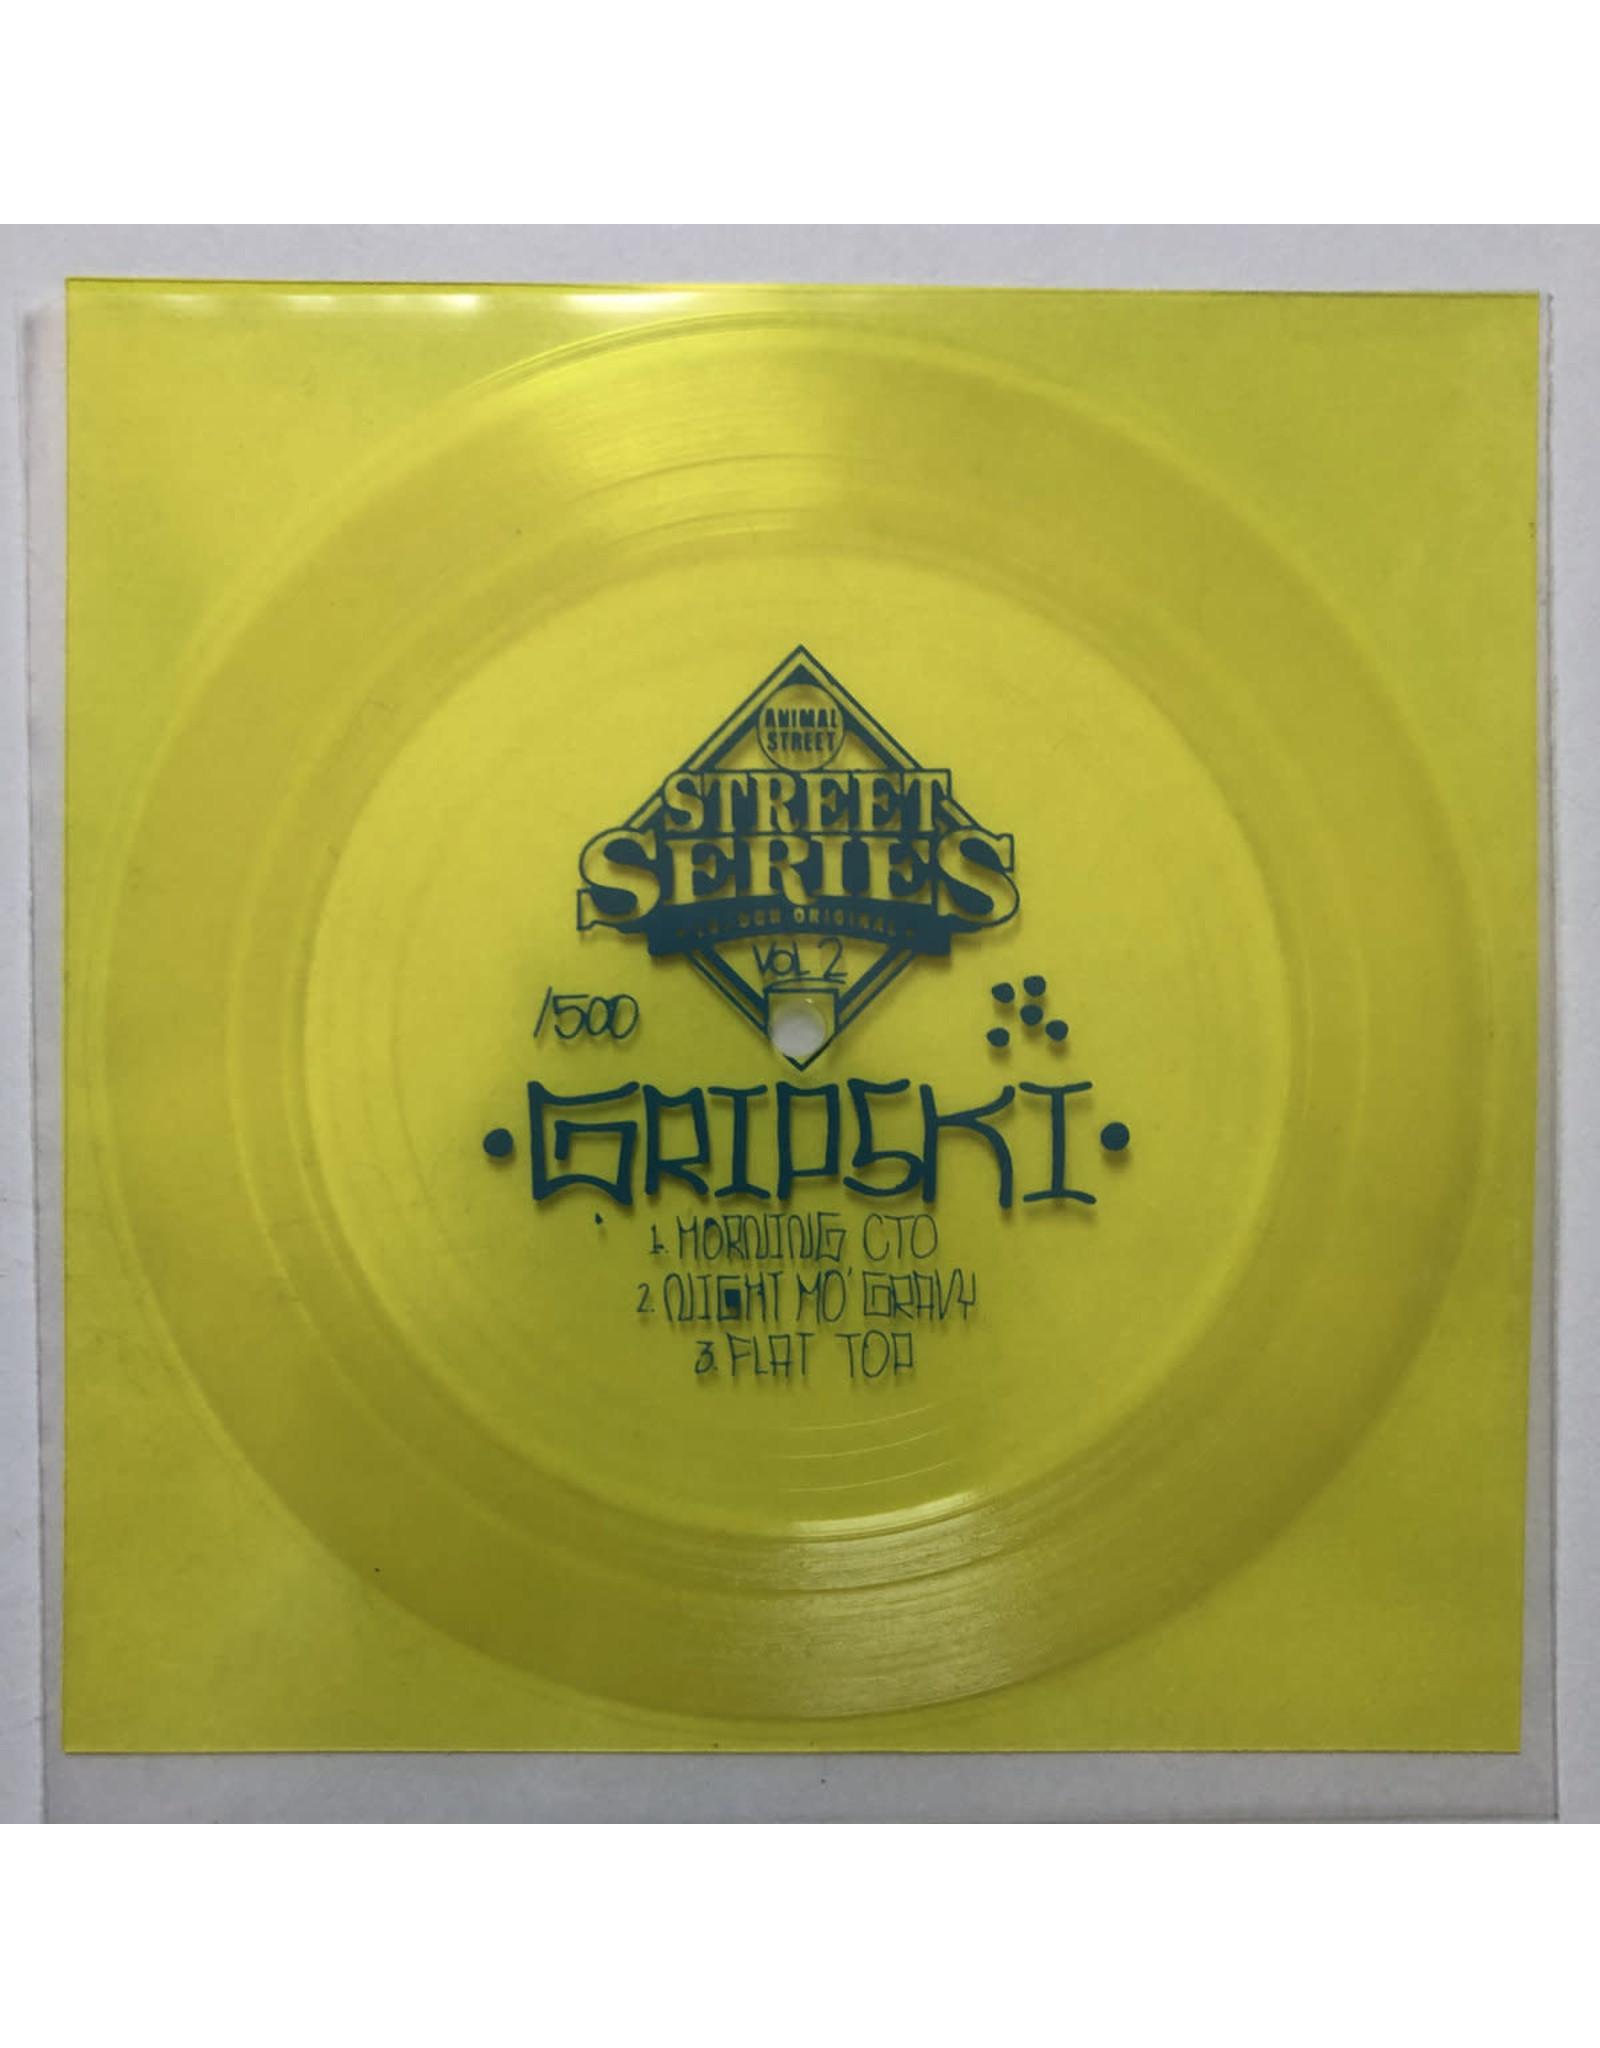 """Gripski - Street Series Vol. 2 yellow flexi 7"""""""